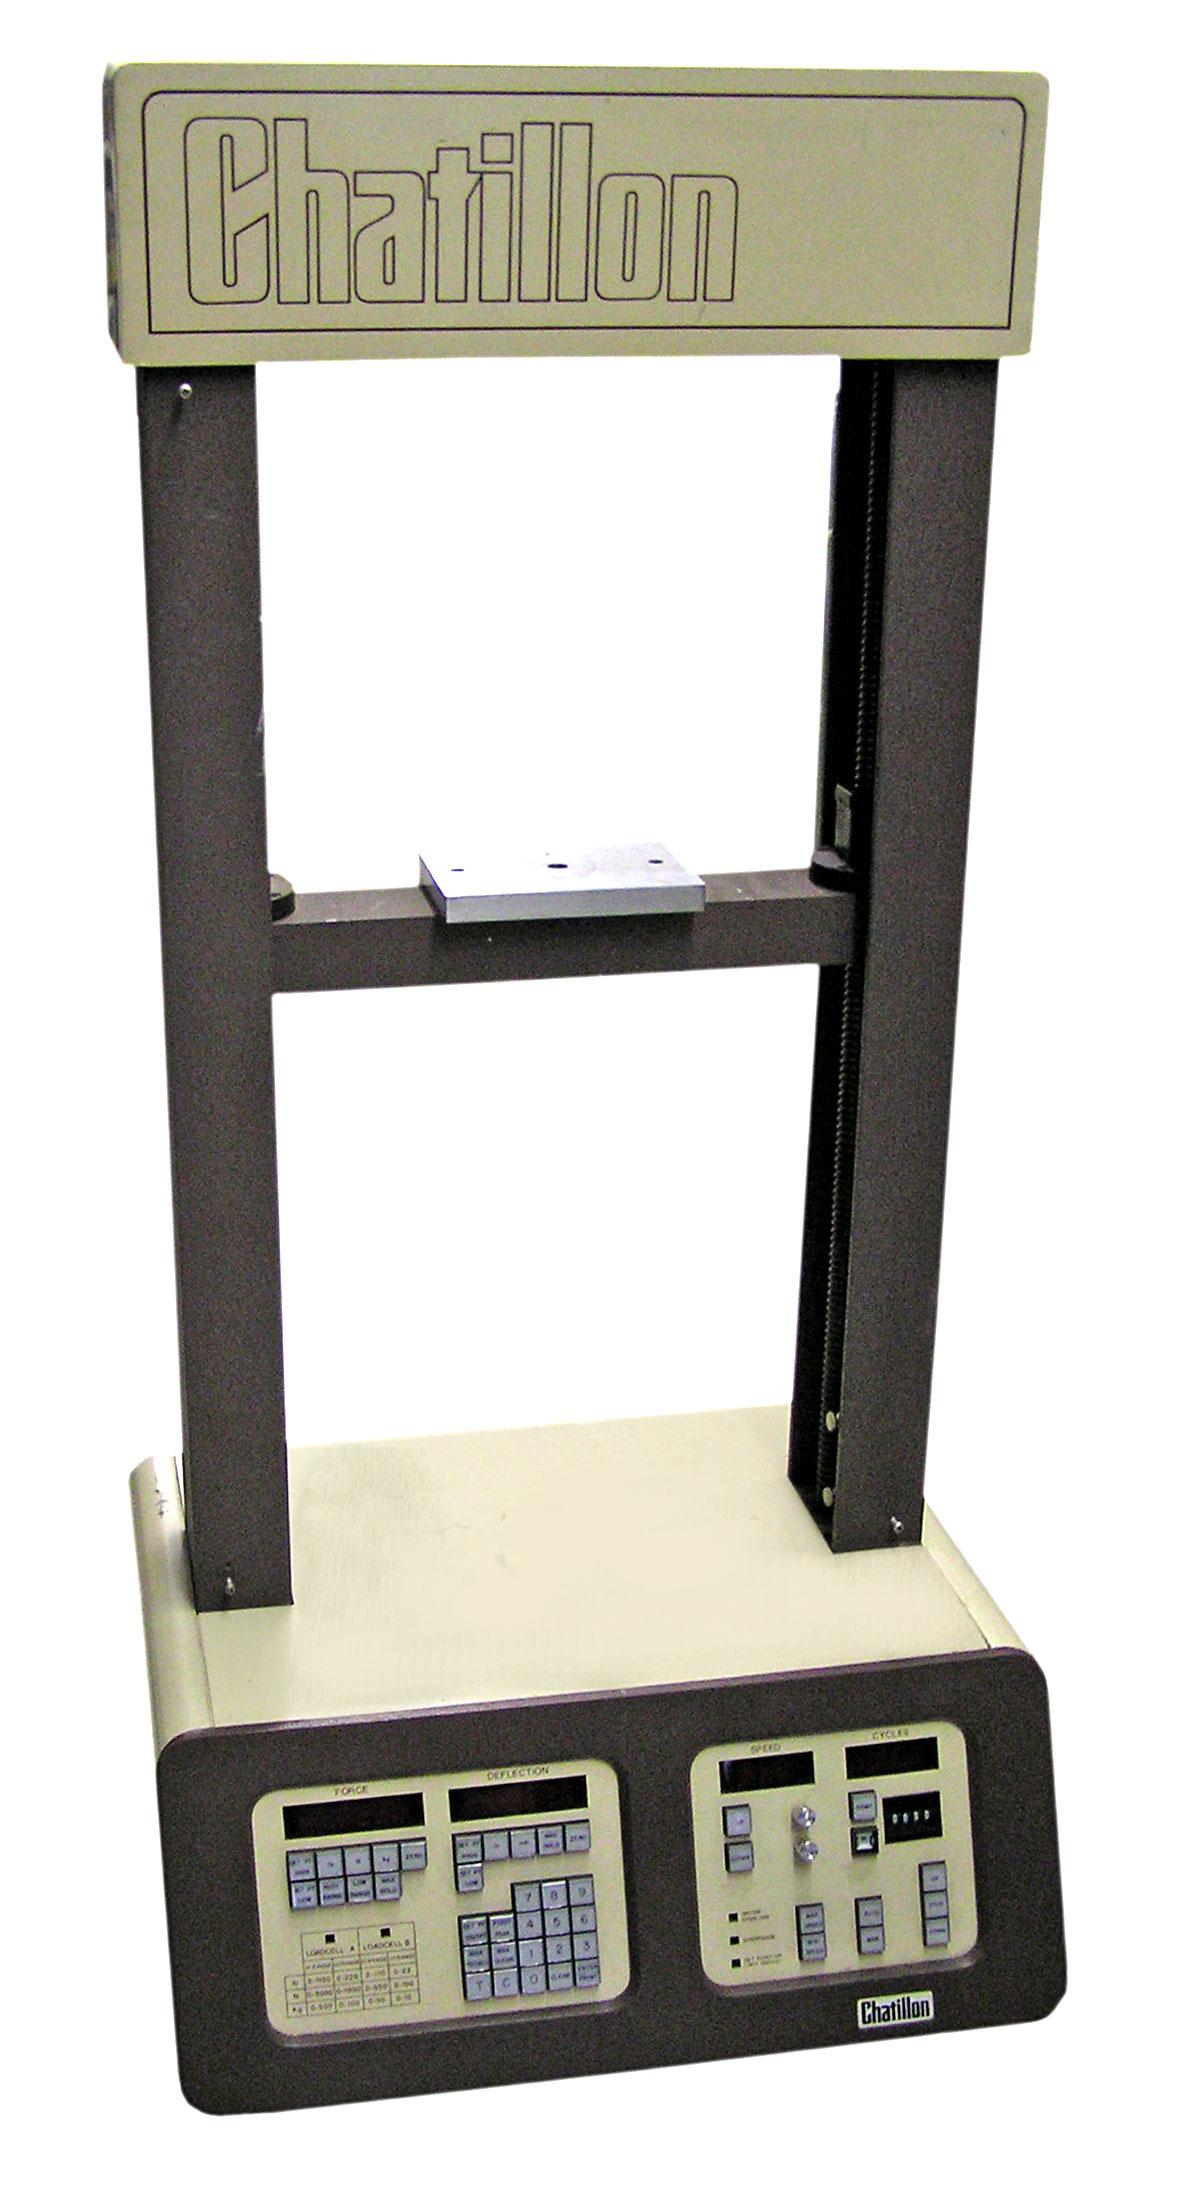 ET1100 | Chatillon Test Equipment | ATEC Rentals